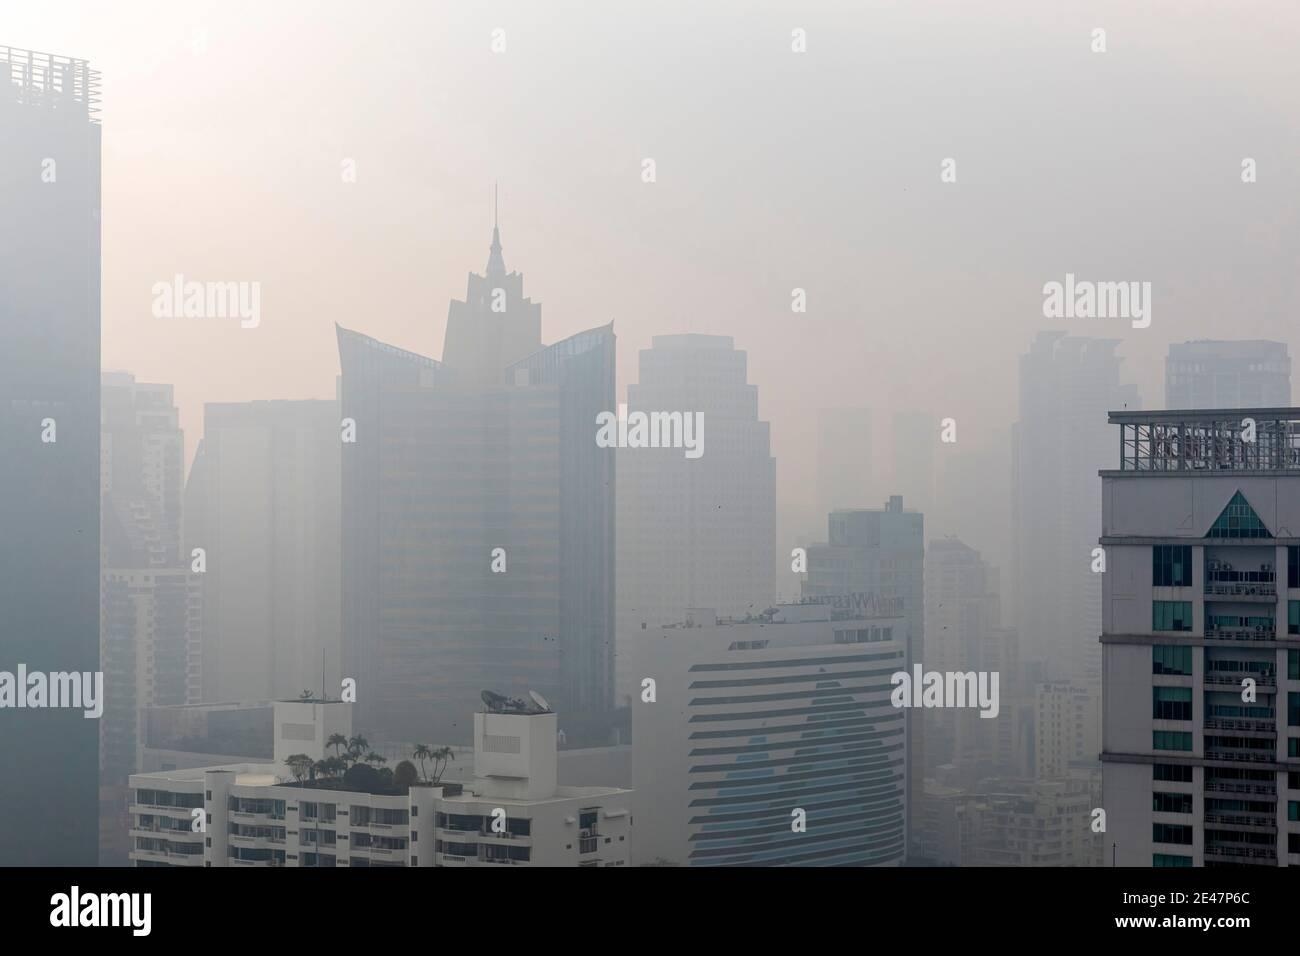 Opacità e inquinamento sul centro di Bangkok, Thailandia Foto Stock